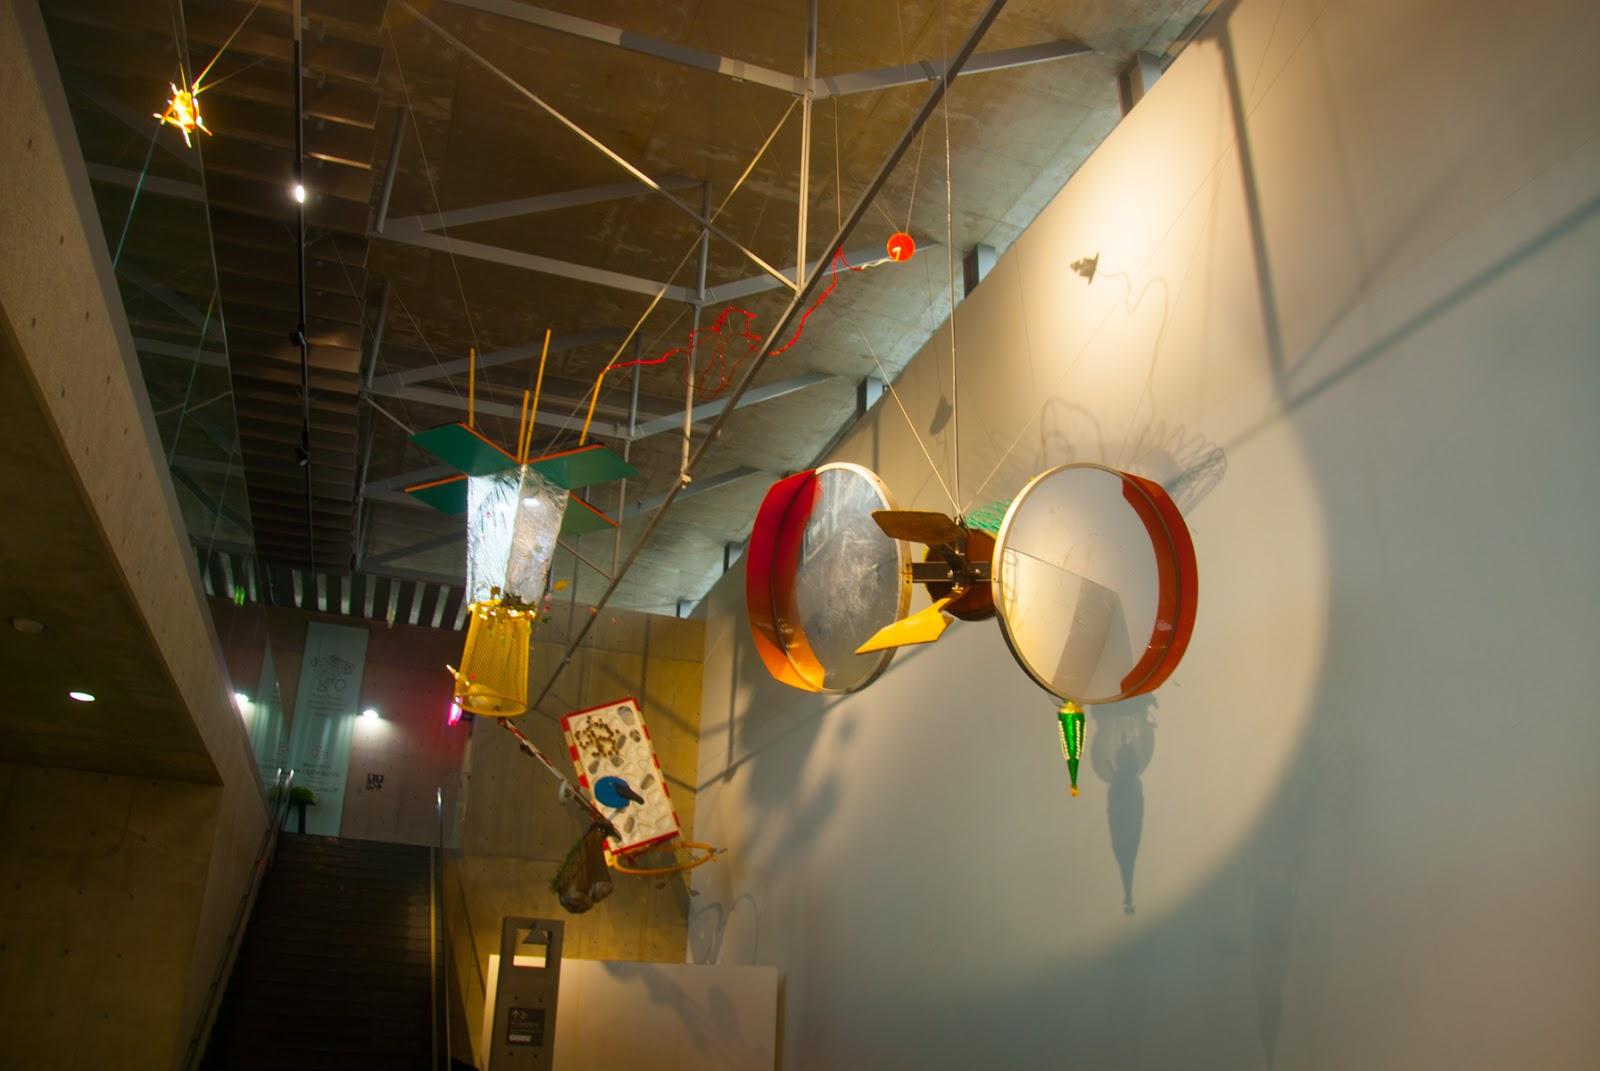 越後妻有里山現代美術館 キナーレ 展示 カーブミラー